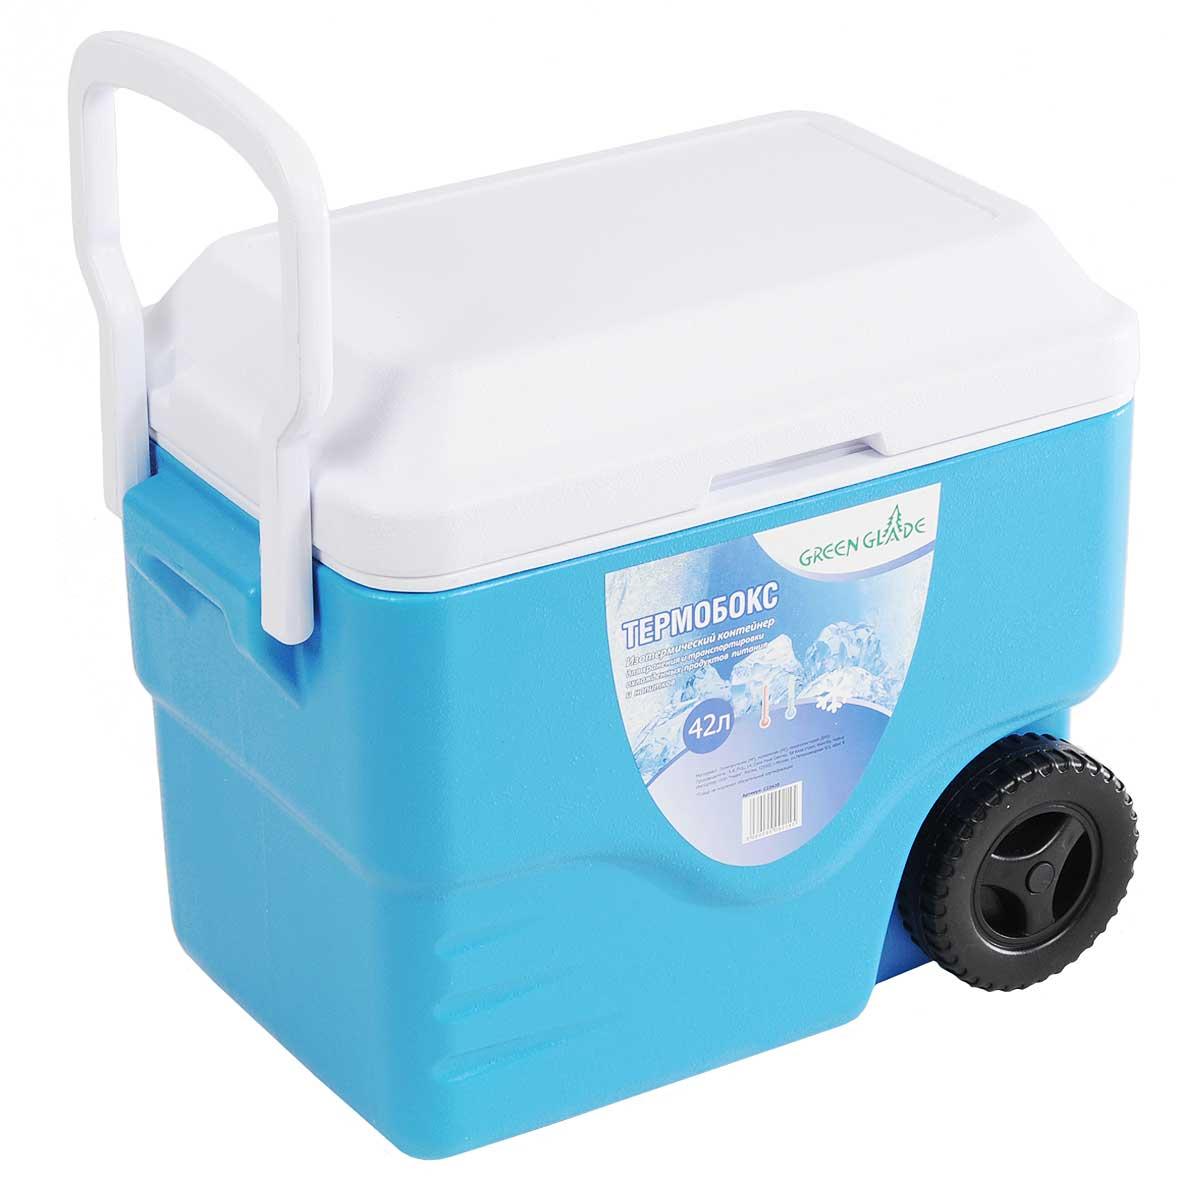 Контейнер изотермический Green Glade, на колесиках, цвет: голубой, 42 лС22420Удобный и прочный изотермический контейнер Green Glade предназначен для сохранения определенной температуры продуктов во время длительных поездок. Корпус и крышка контейнера изготовлены из высококачественного пластика. Между двойными стенками находится термоизоляционный слой, который обеспечивает сохранение температуры. У контейнера одно большое вместительное отделение. Крышка закрывается плотно. У контейнера имеются два колеса и большая ручка для более удобной транспортировки.При использовании аккумулятора холода контейнер обеспечивает сохранение продуктов холодными до 12 часов. Контейнер идеально подходит для отдыха на природе, пикников, туристических походов и путешествий.Контейнеры Green Glade можно использовать не только для сохранения холодных продуктов, но и для транспортировки горячих блюд. В этом случае аккумуляторы нагреваются в горячей воде (температура около 80°С) и превращаются в аккумуляторы тепла. Подготовленные блюда перед транспортировкой подогреваются и укладываются в контейнер. Объем контейнера: 42 л.Размер контейнера: 53 см х 49 см х34 см.